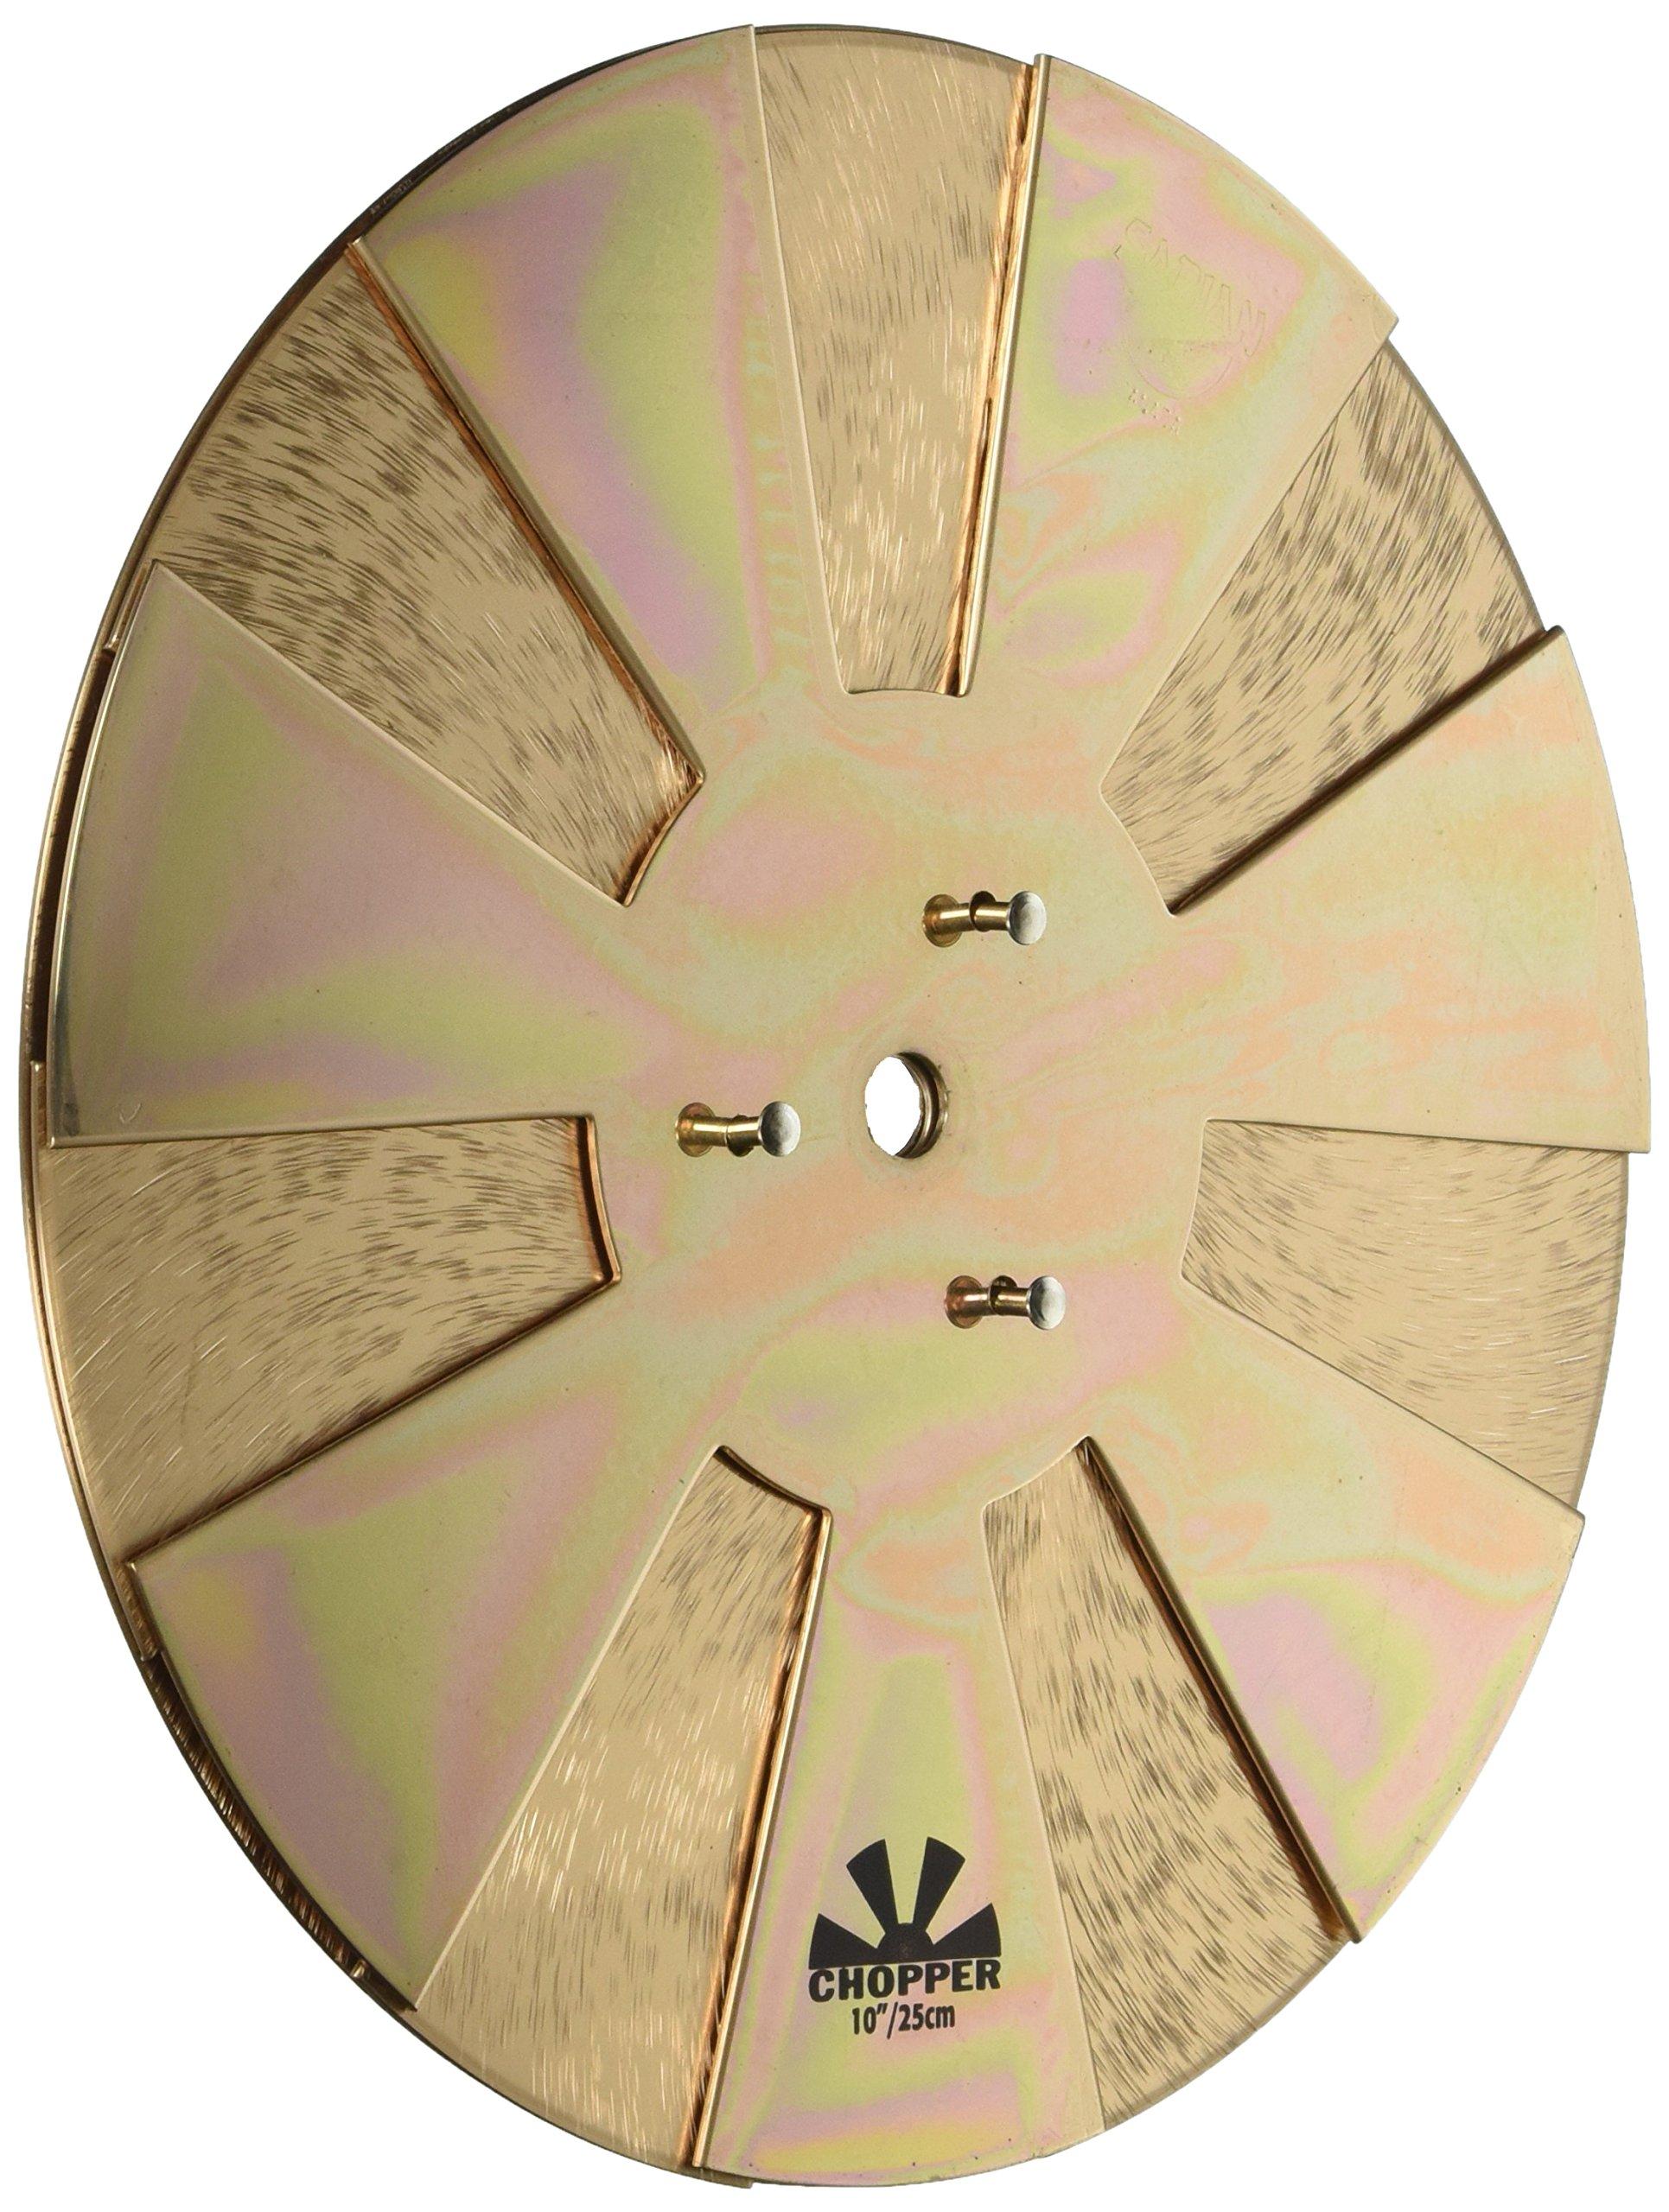 Sabian 10'' Chopper Cymbal by Sabian